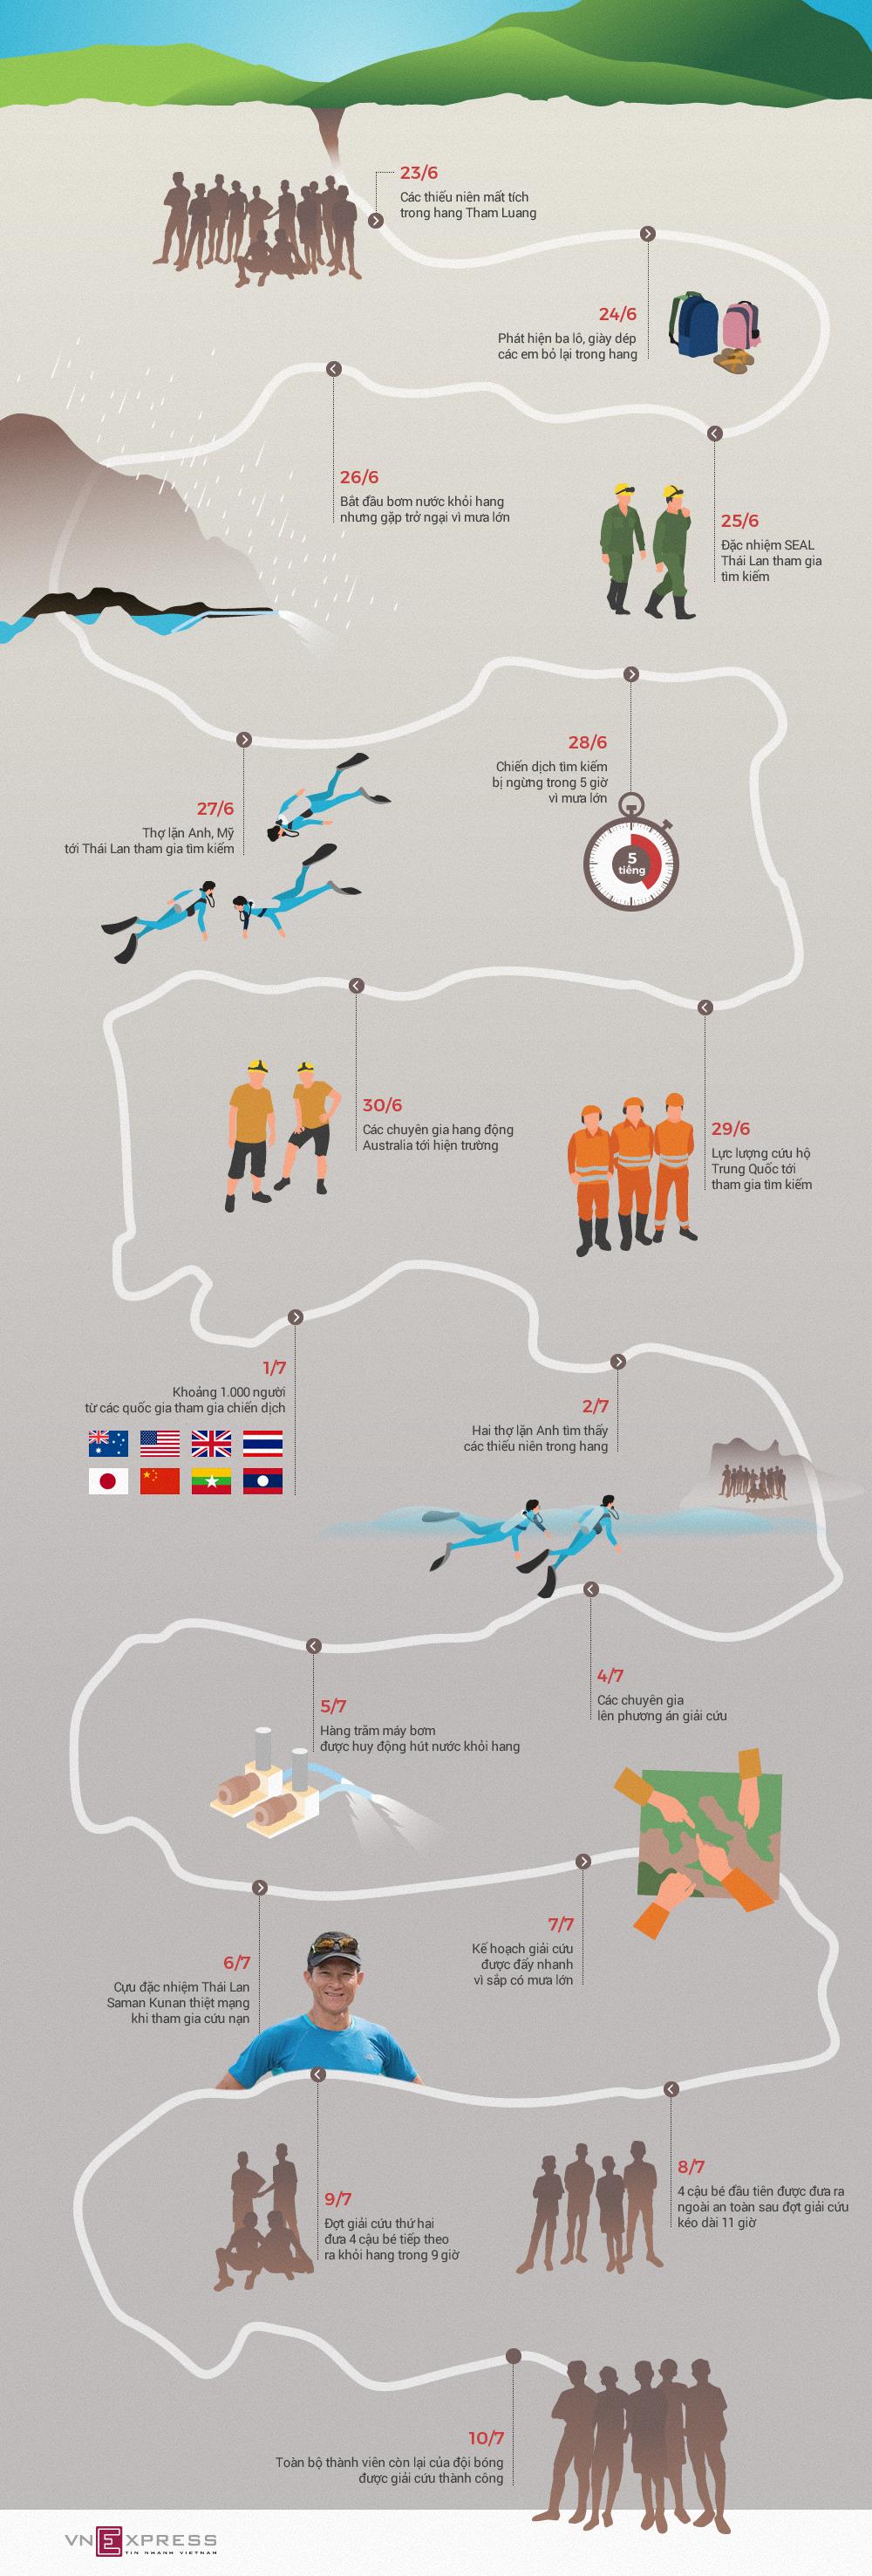 Toàn cảnh chiến dịch giải cứu các thiếu niên Thái Lan mắc kẹt